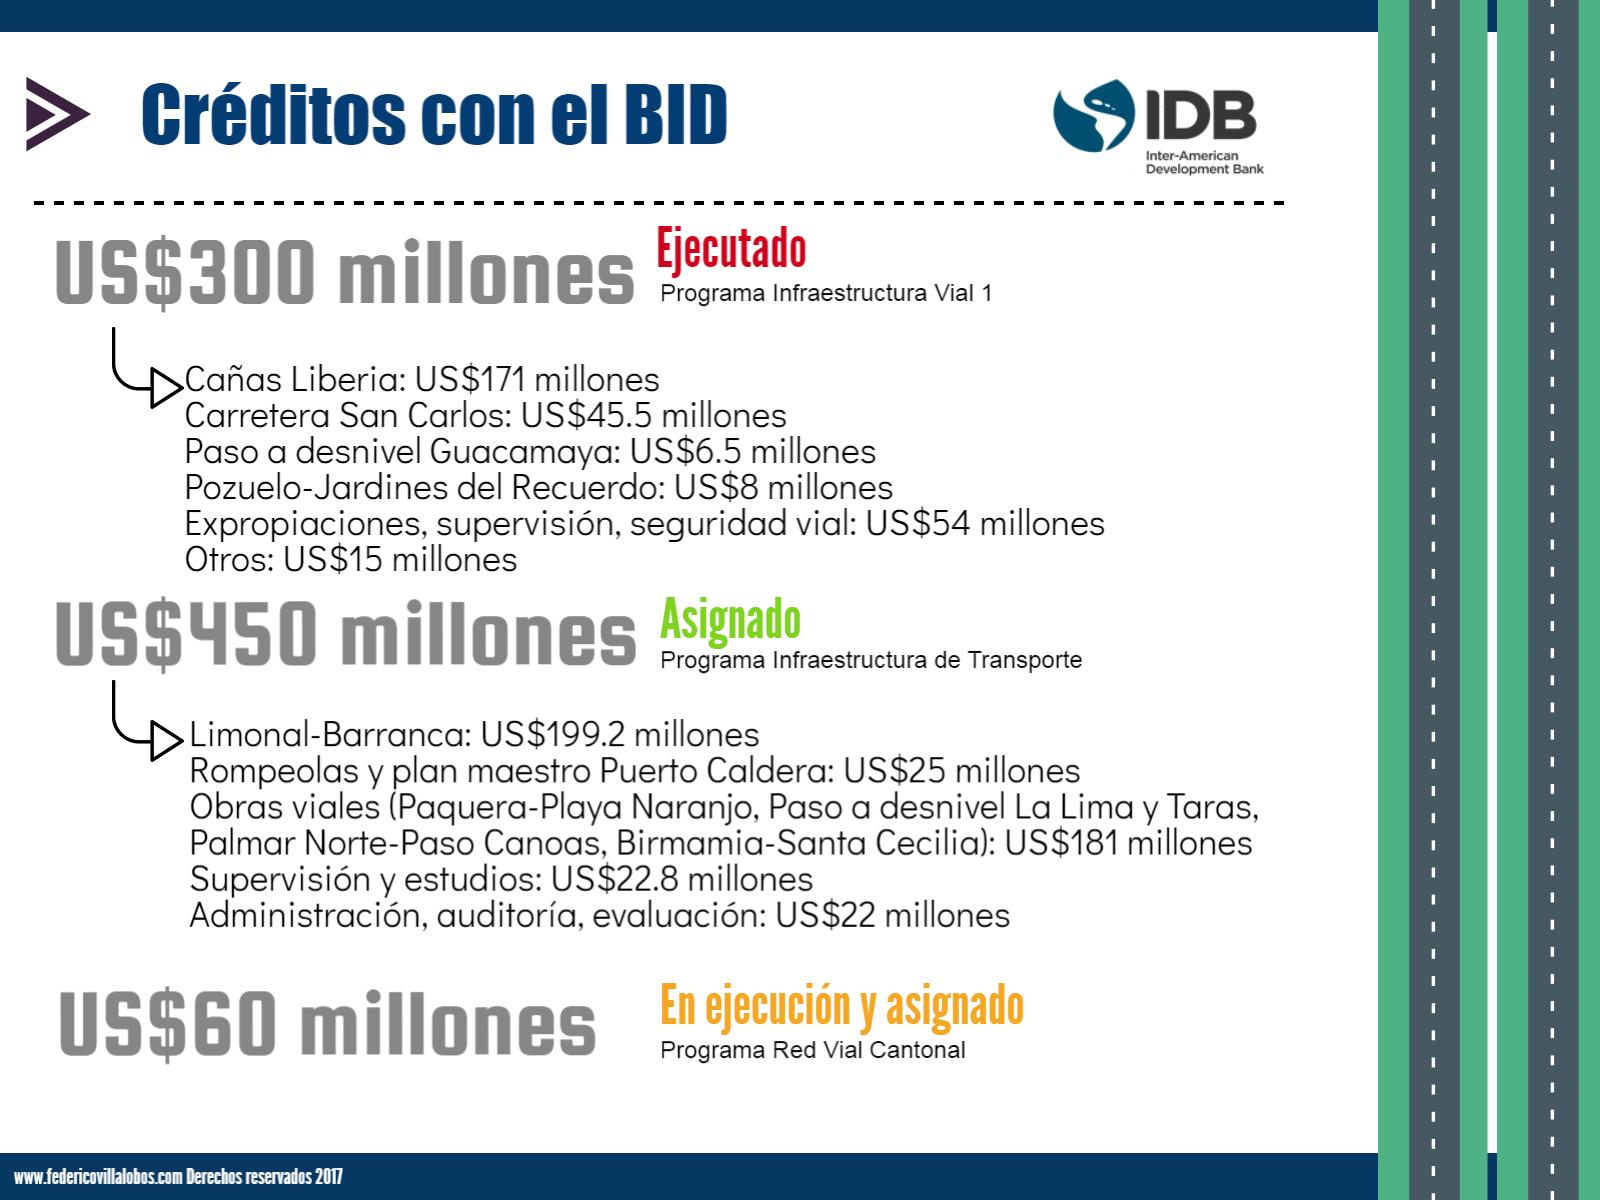 Créditos Internacionales Carreteras CR BID.png